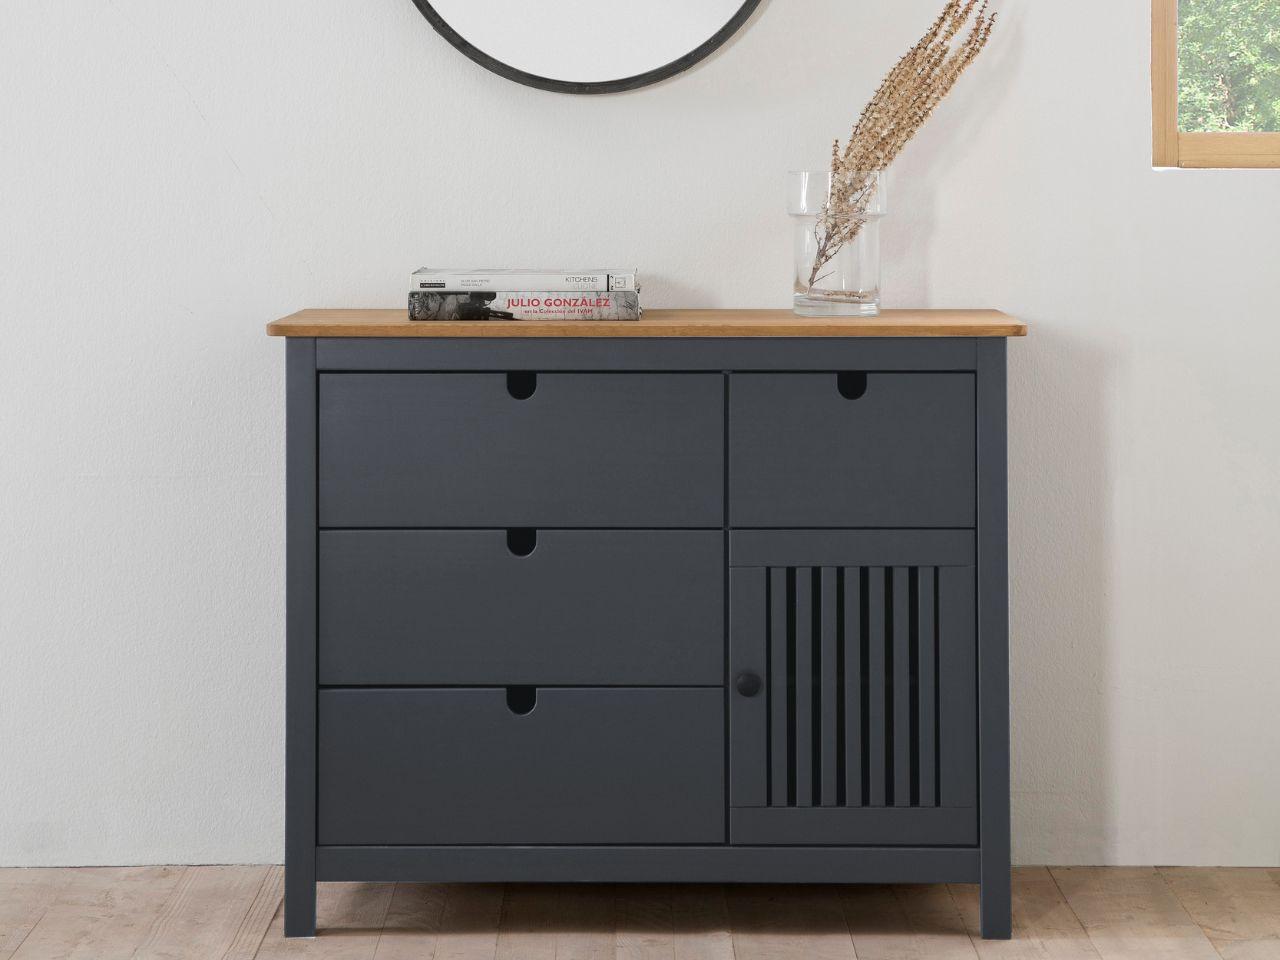 Imagenes de dormitorios juveniles dormitorio juvenil - Habitaciones blancas juveniles ...